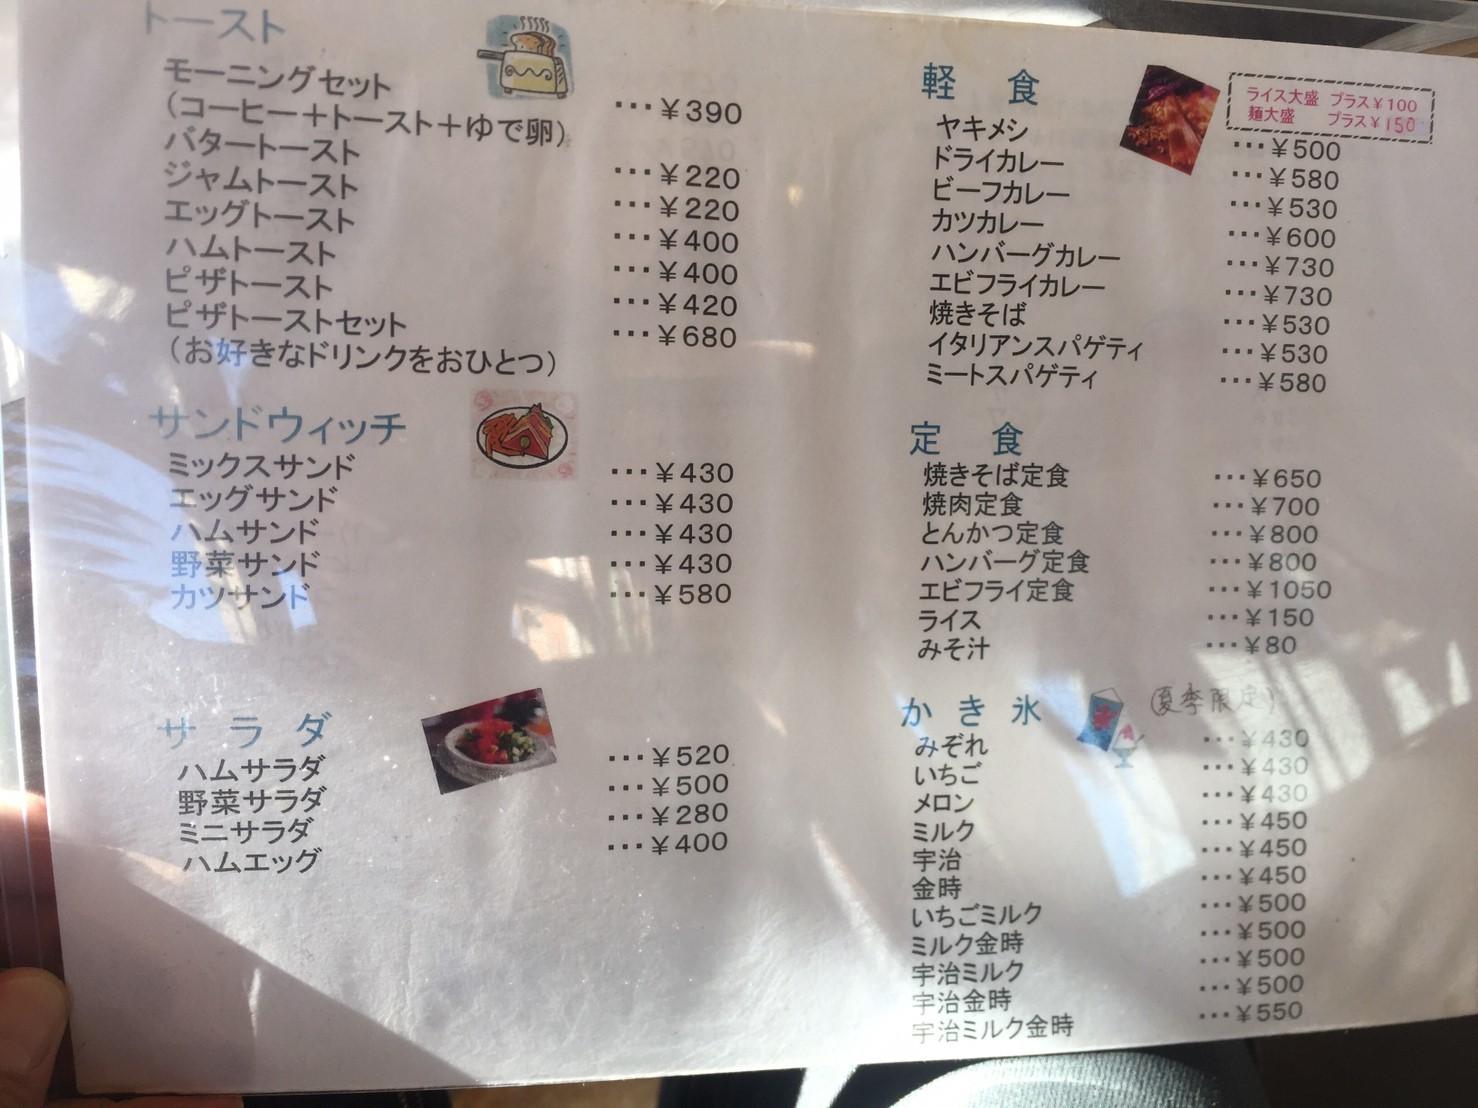 喫茶フォルダー 10_e0115904_15365877.jpg